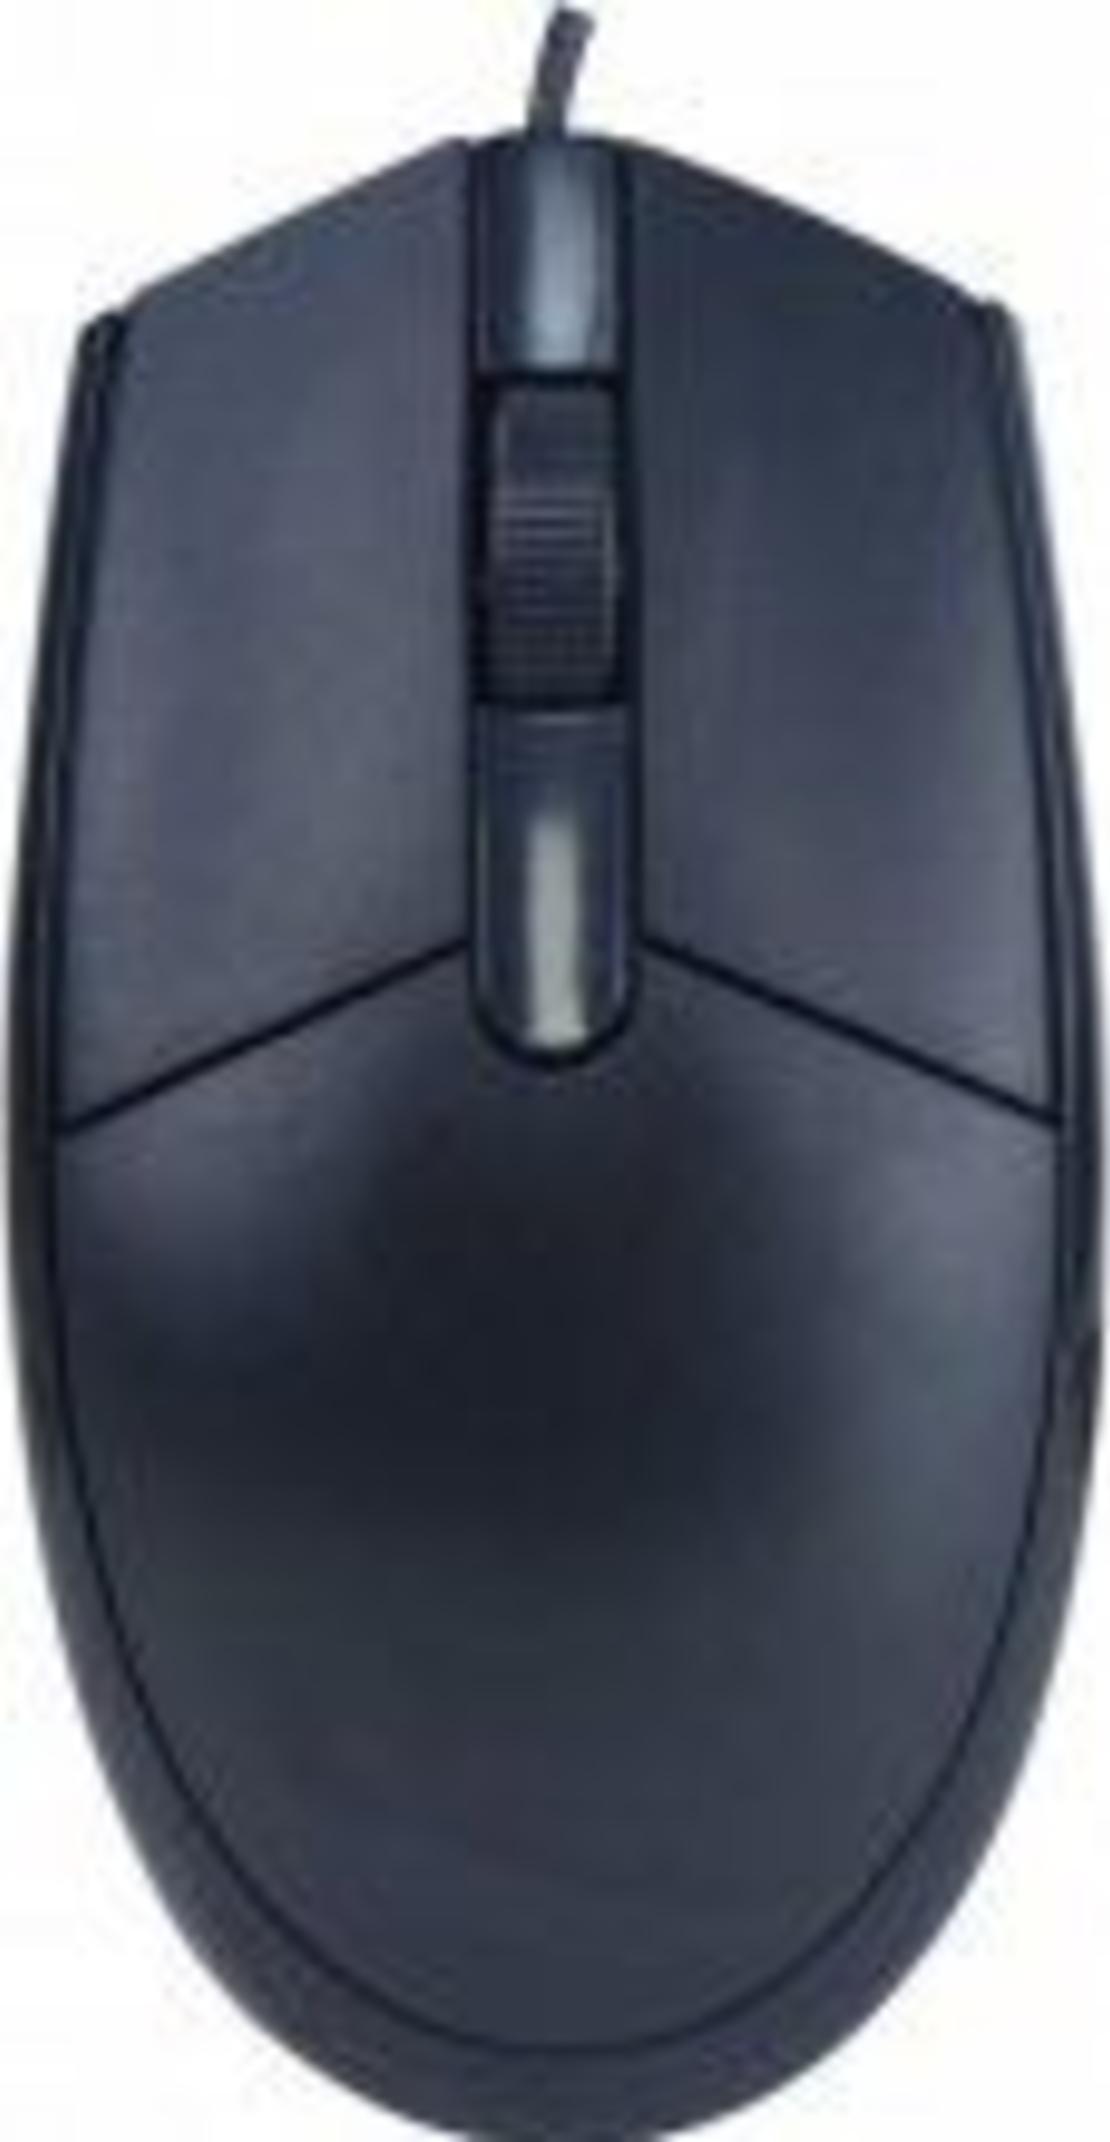 עכבר אופטי קווי Silver Line USB OM-180USB צבע שחור